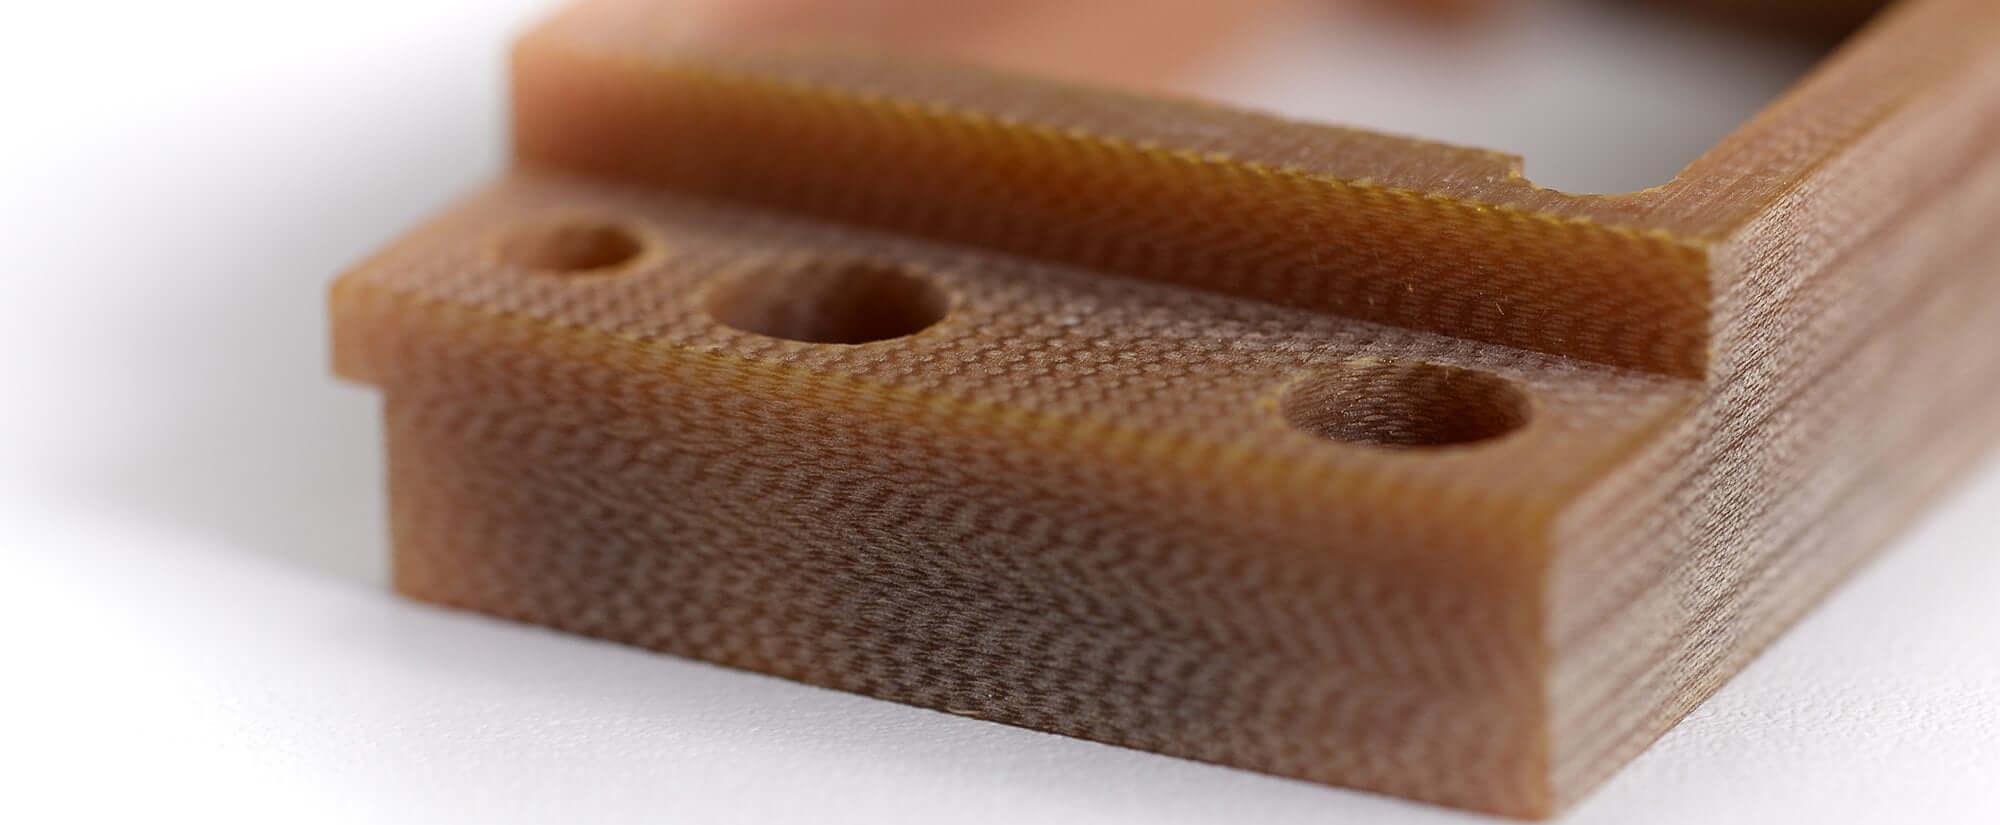 Acryline Frästeil aus GFK technische teile frästeil zubehör gefräst kunststoff produktion